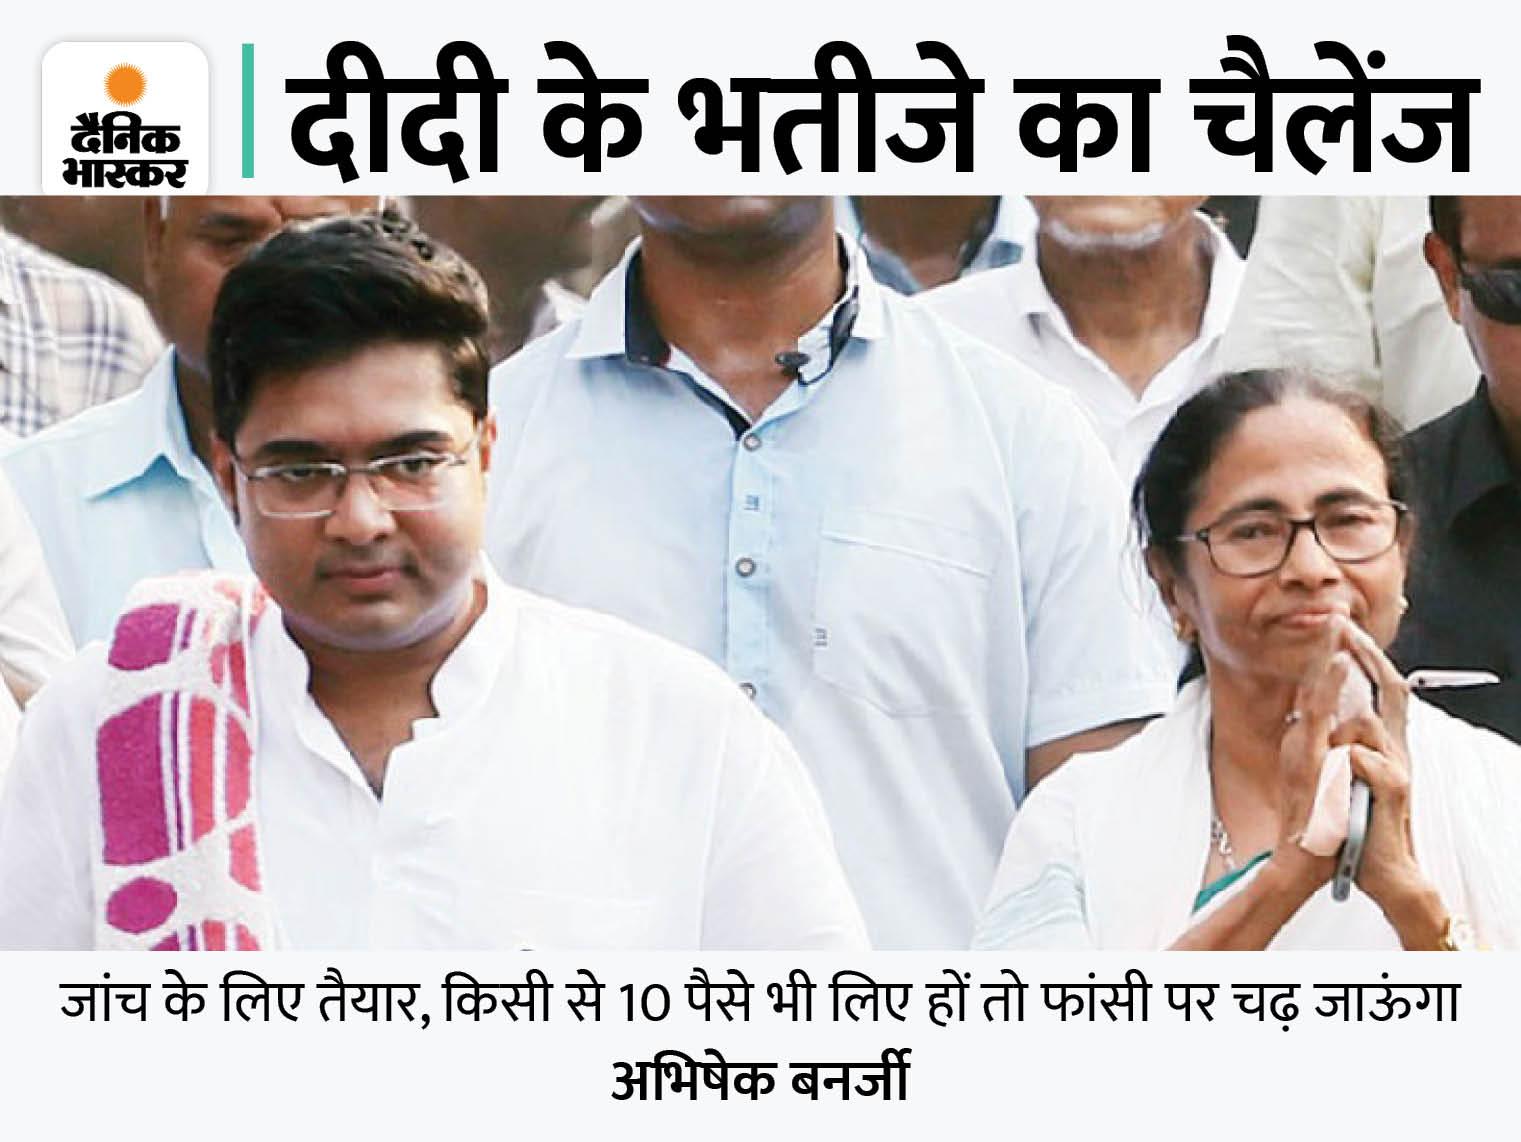 दिल्ली में ED के ऑफिस पहुंचे तृणमूल सांसद, कहा- आरोप साबित हुआ तो फांसी पर लटक जाऊंगा|देश,National - Dainik Bhaskar